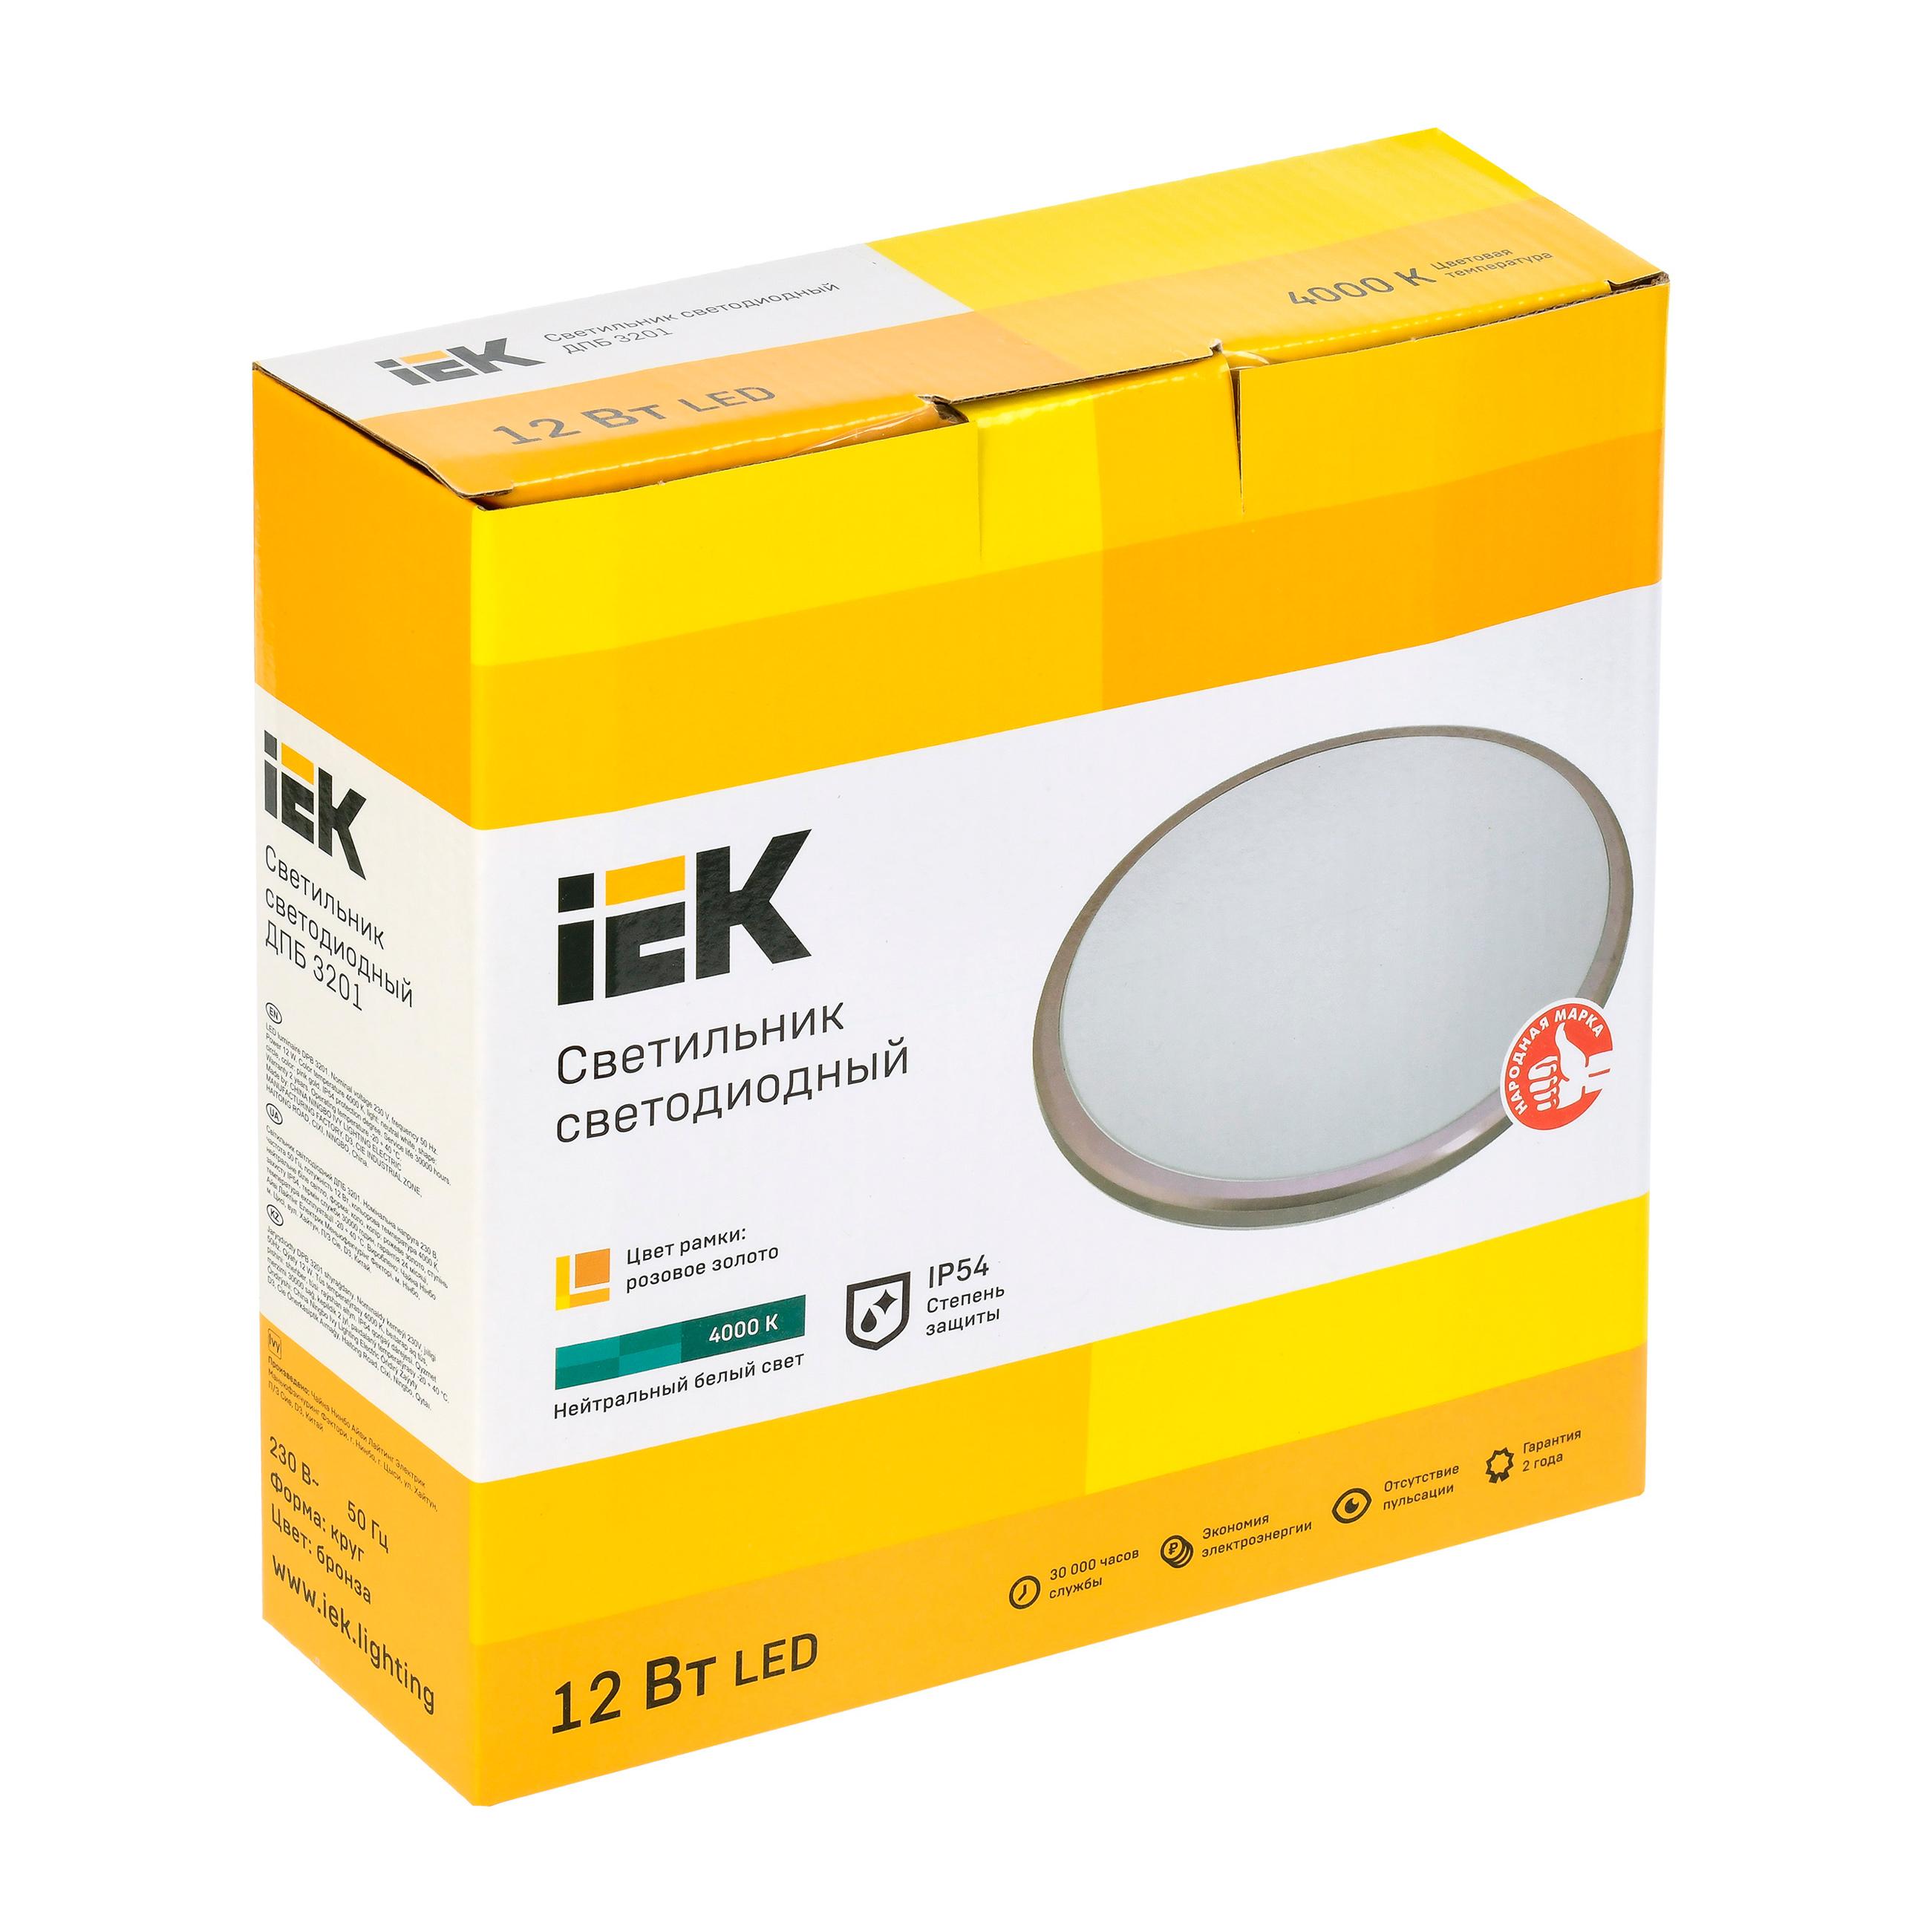 Светильник светодиодный ДПБ 3201 12Вт IP54 4000K круг розовое золото IEK